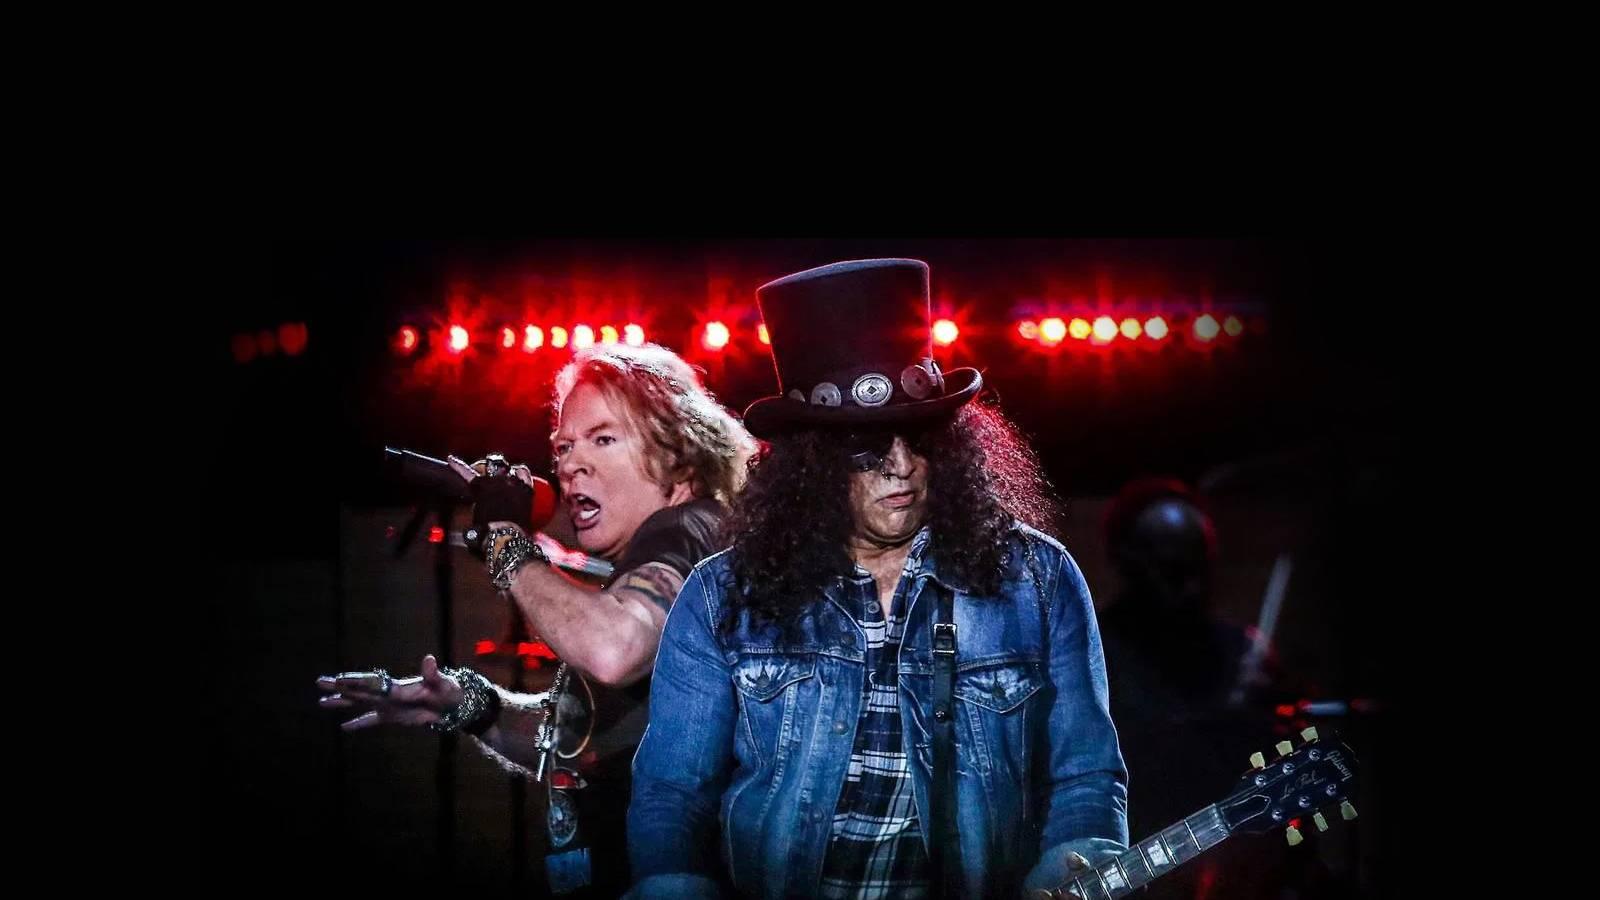 Guns N Roses (Postponed - Date TBD)